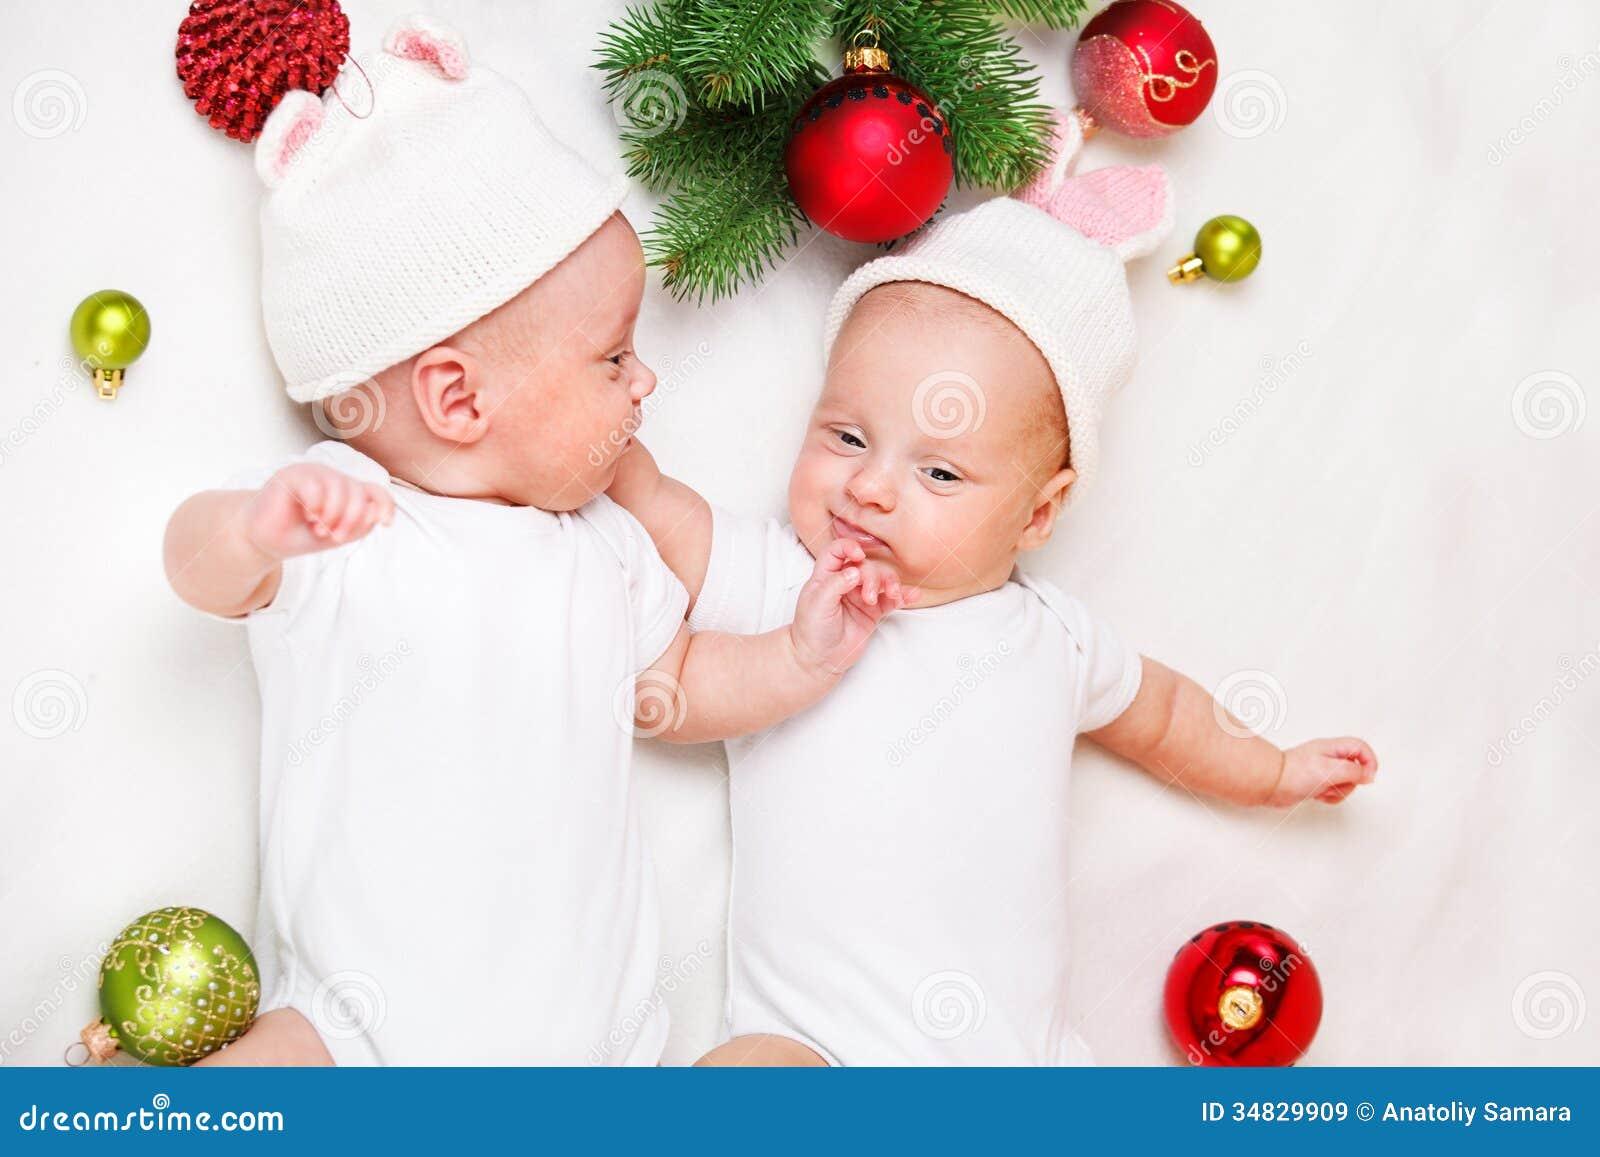 Tweelingbabys